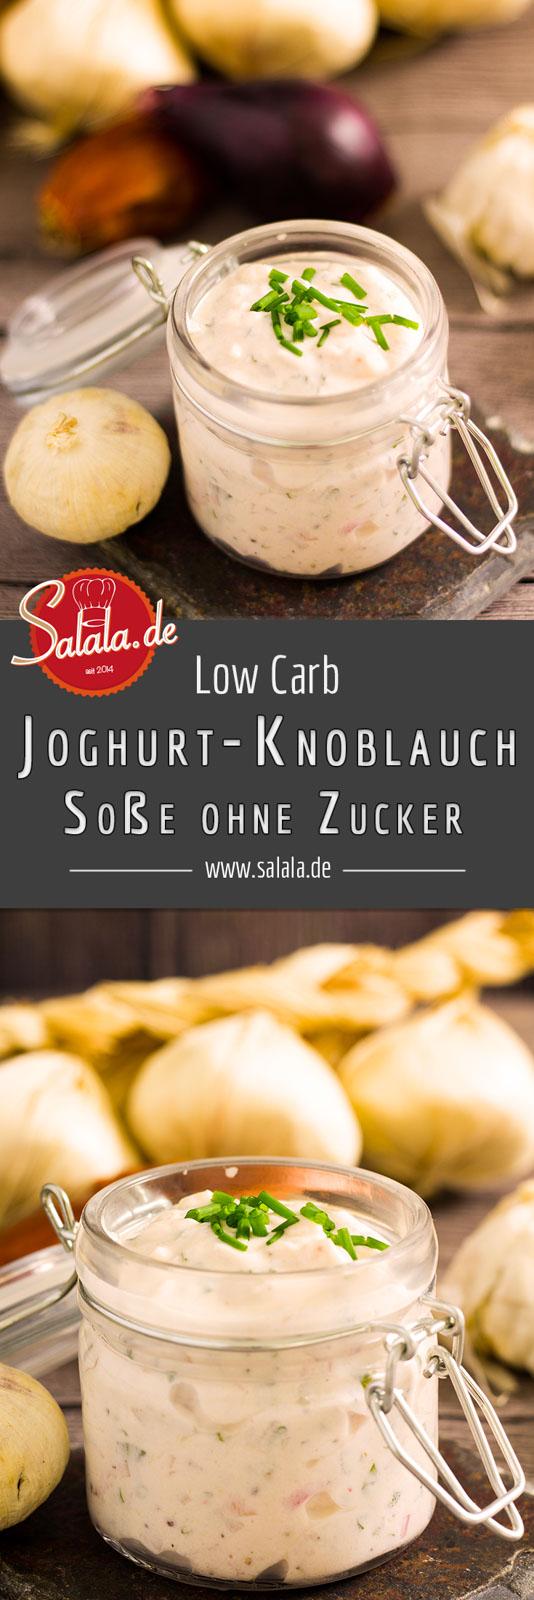 Joghurt-Knoblauch-Sauce ohne Zucker ganz einfach selber machen Low Carb Grillsoße Rezept #lowcarb #keto #zuckerfrei #bbq